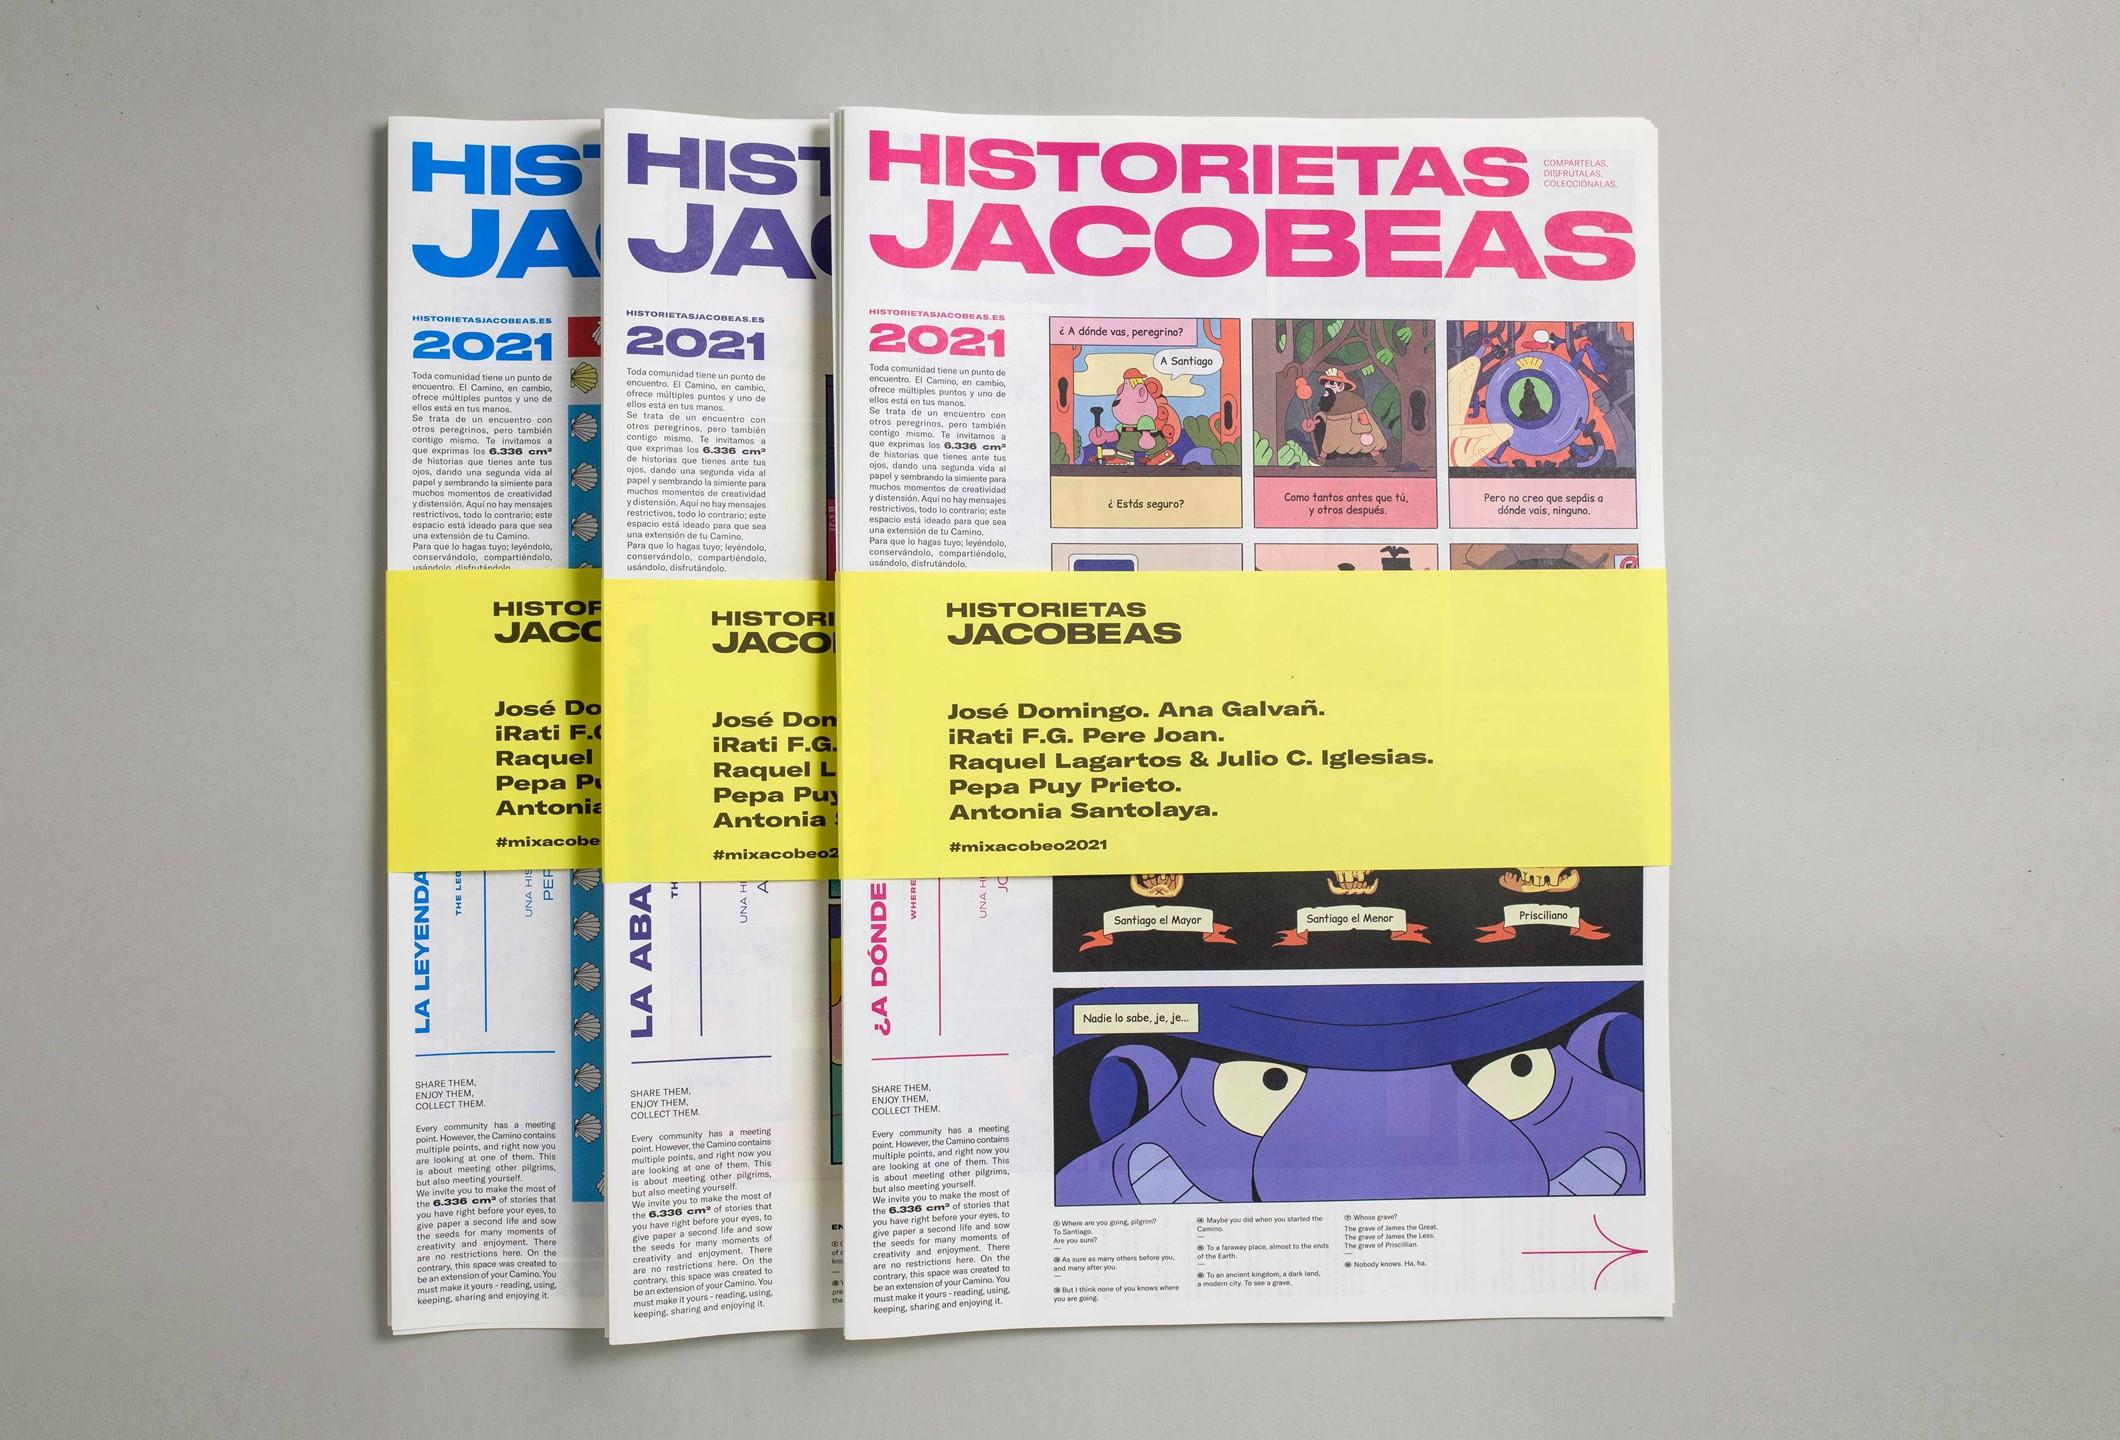 Historietas Jacobeas